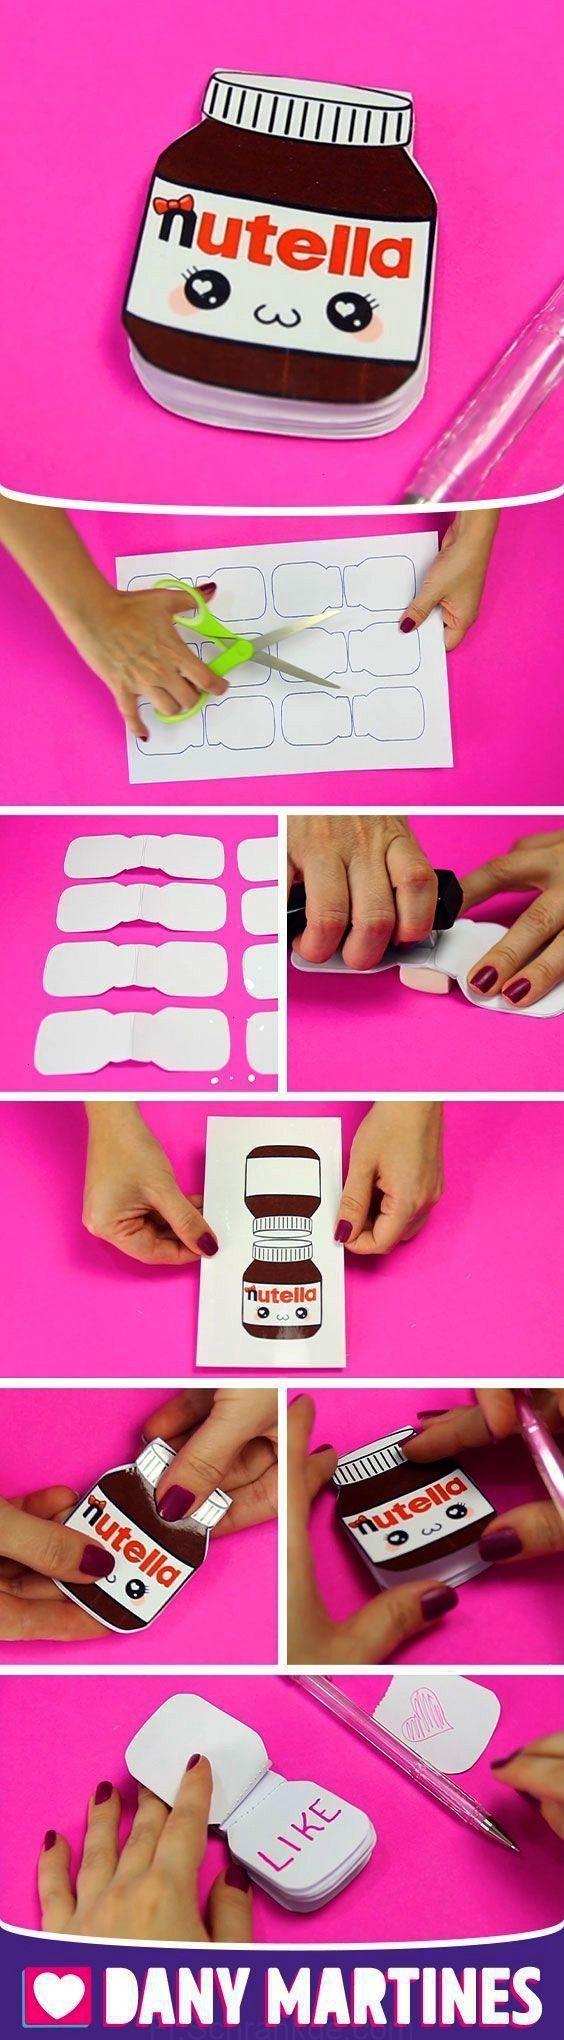 yourself a mini-sketch Nutella, cuddly, mignon, kawaii, notepad ... Make yourself a mini-sketch Nut